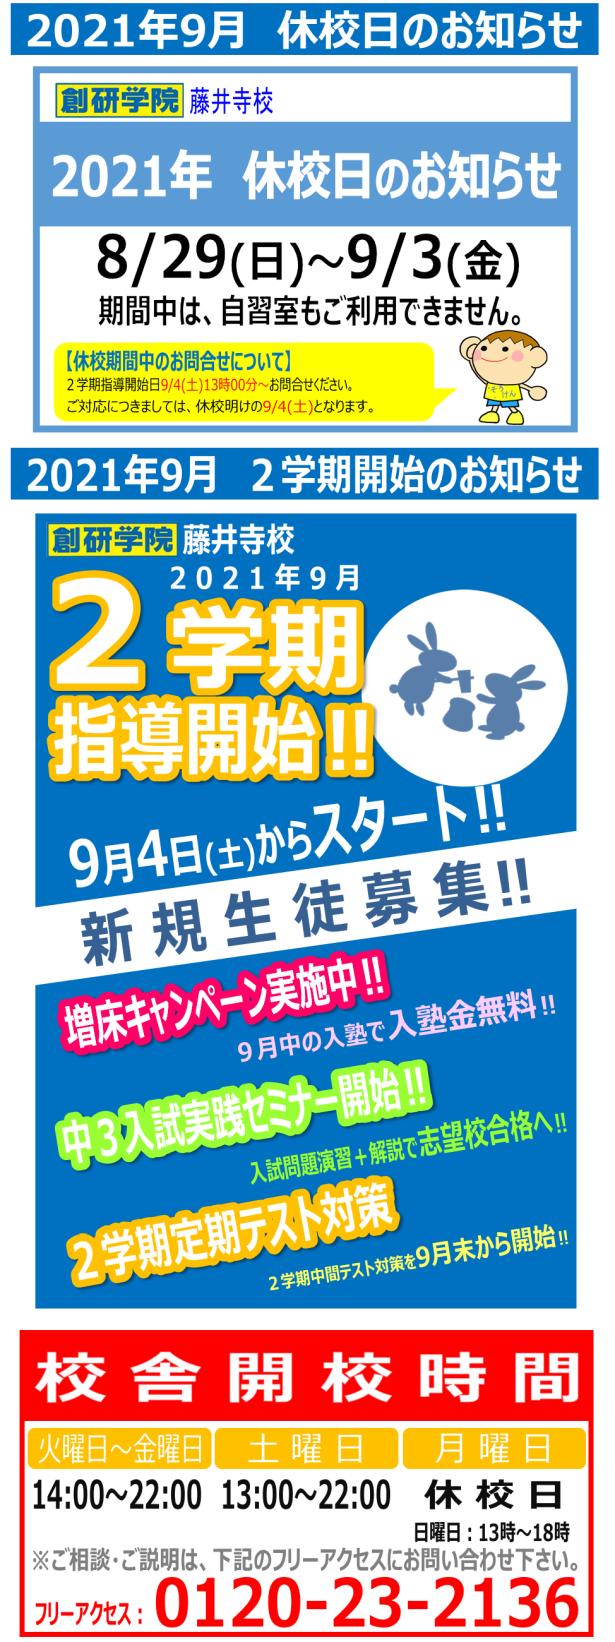 ☆★2021年9月休校のお知らせと2学期指導案内★☆